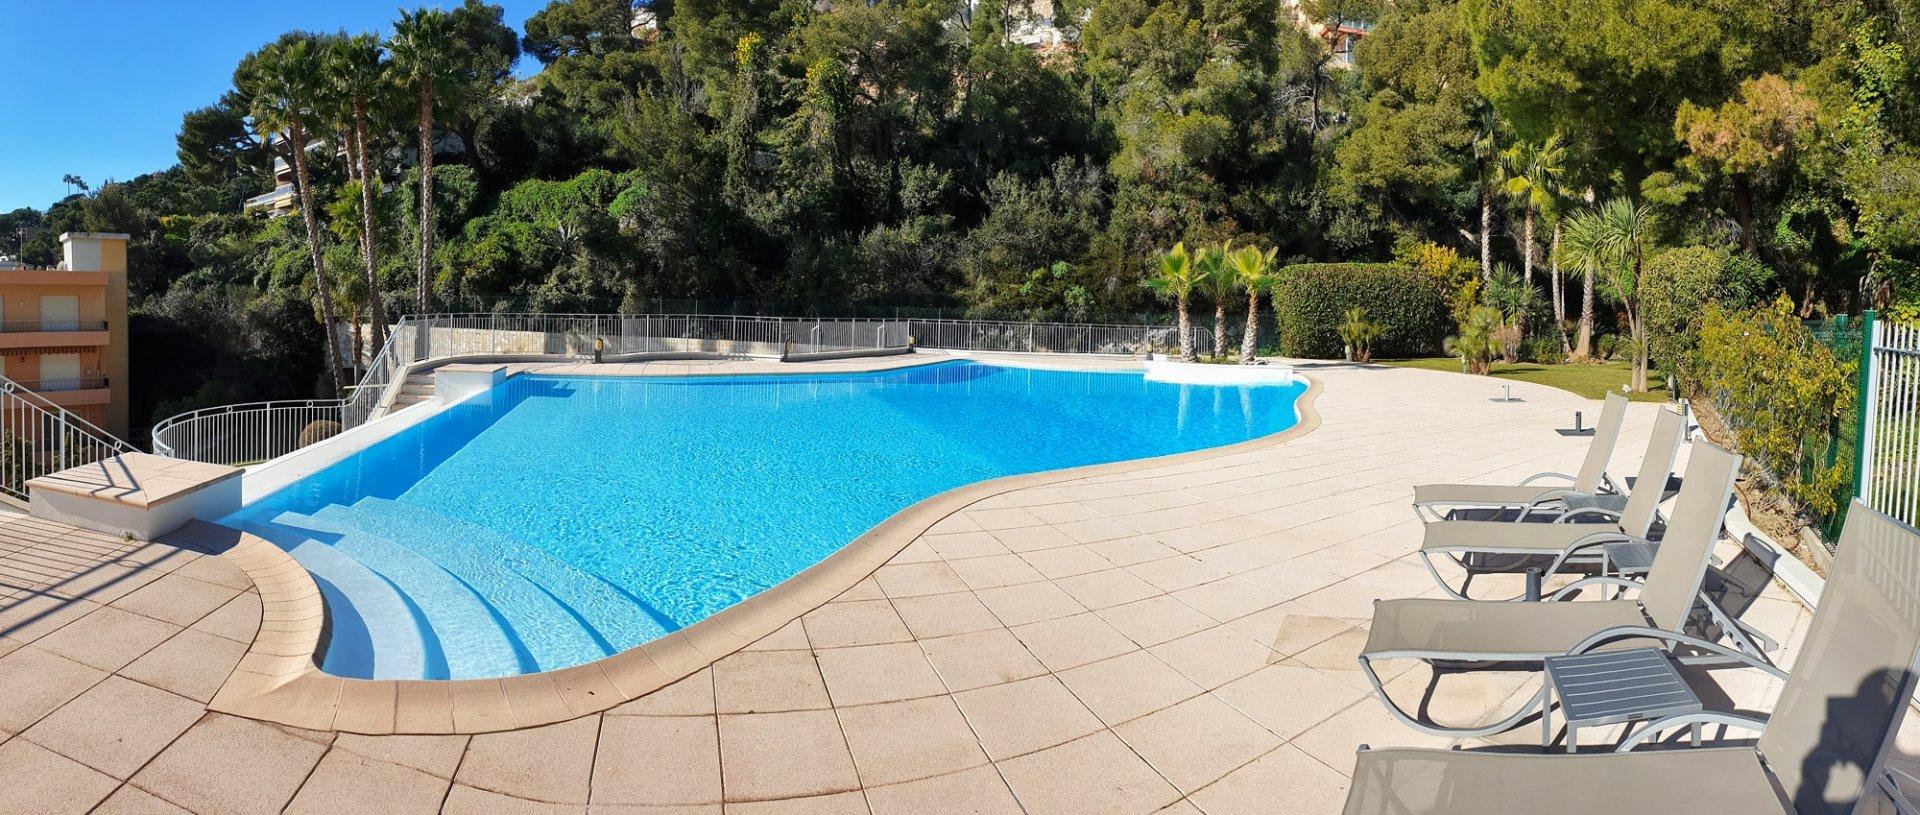 Venta Apartamento villa - Villefranche-sur-Mer - Francia